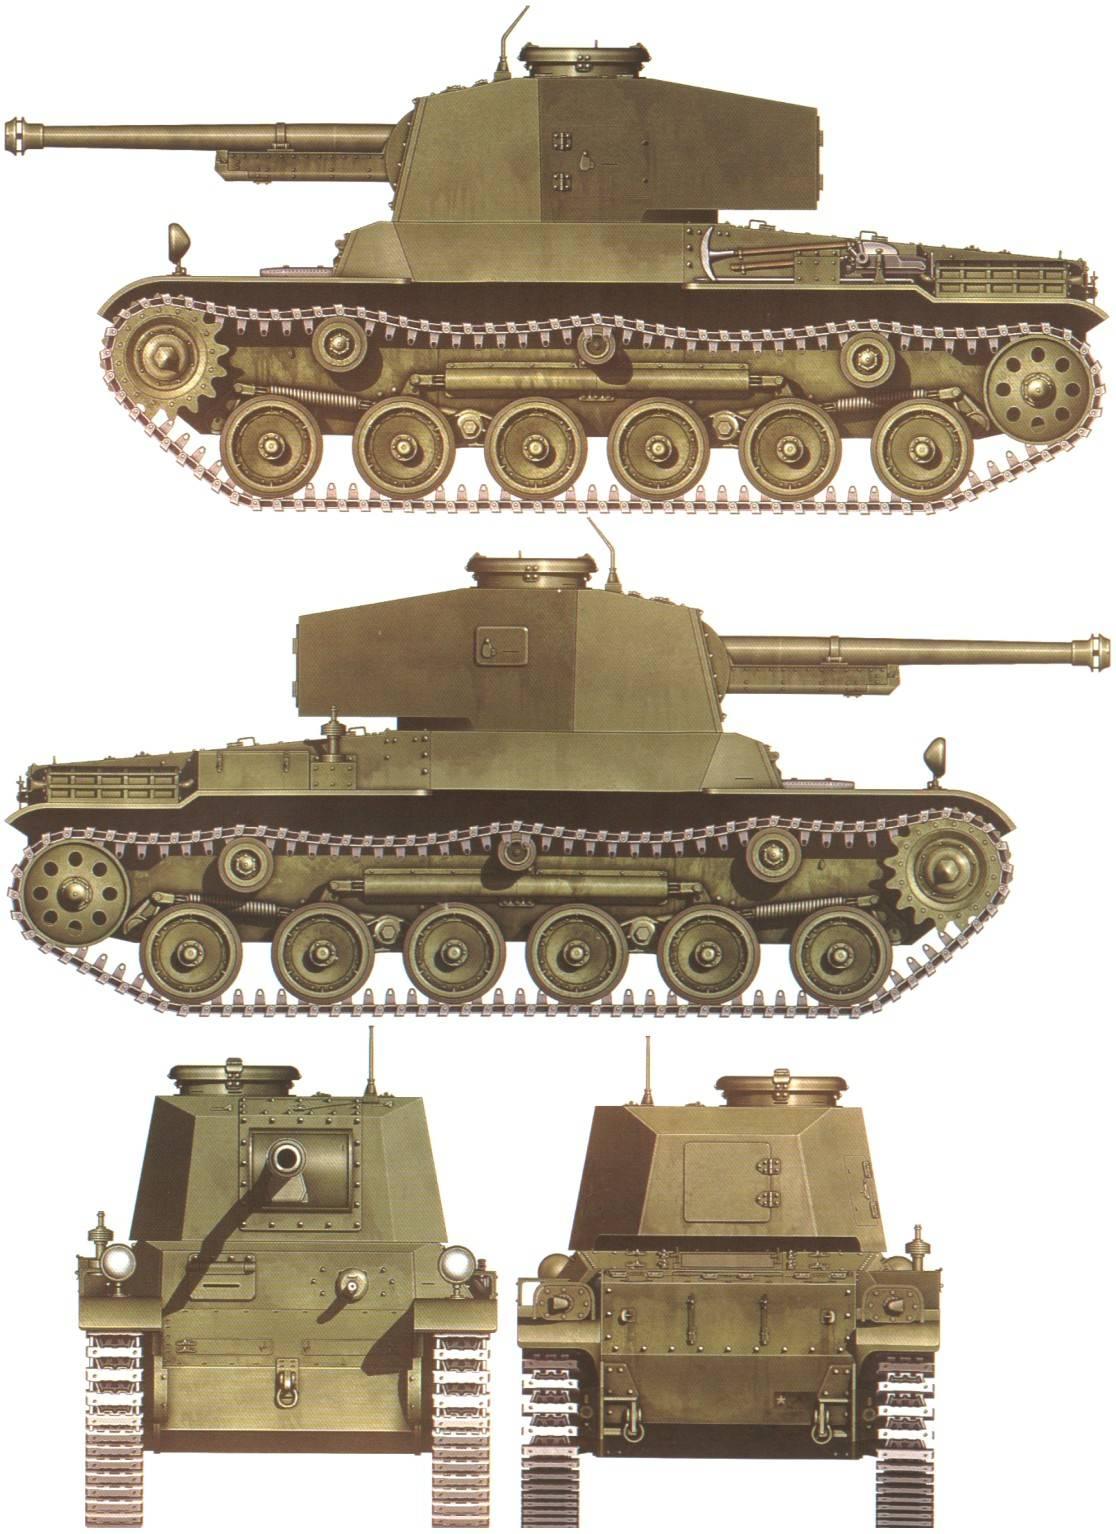 Type 91 heavy